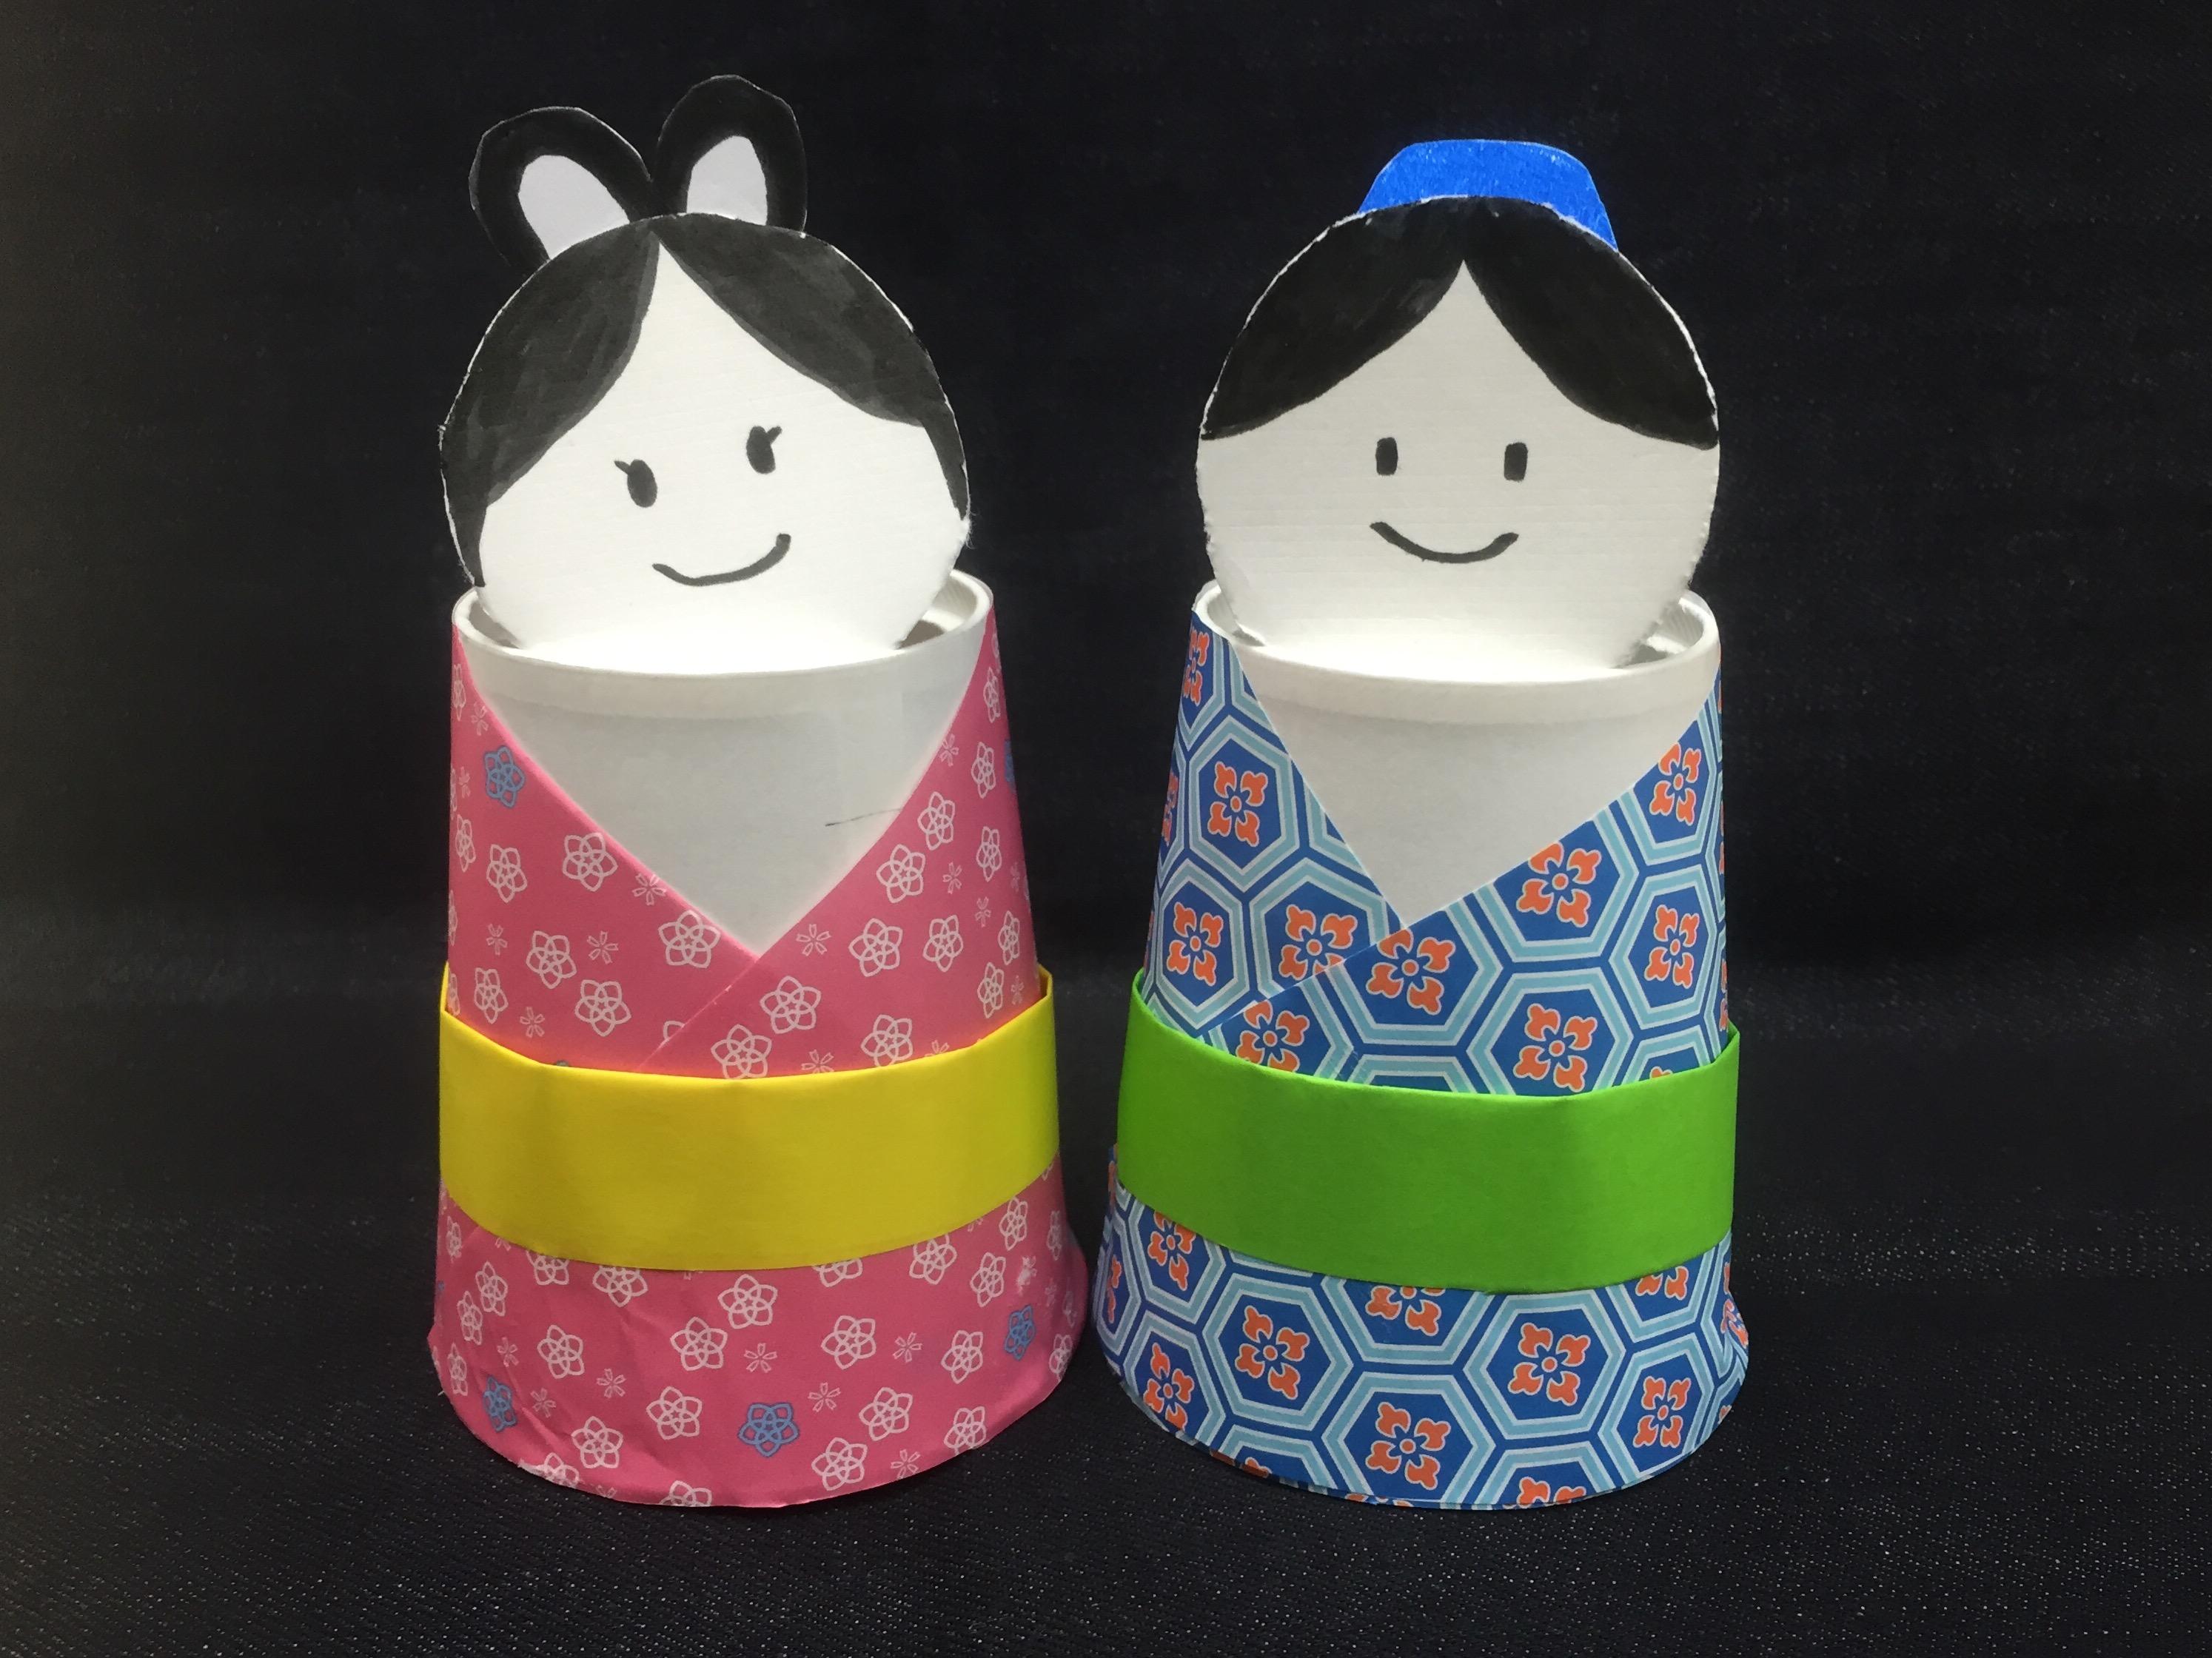 おりひめとひこぼしの紙コップ人形〜少ない材料で楽しめる製作遊び〜